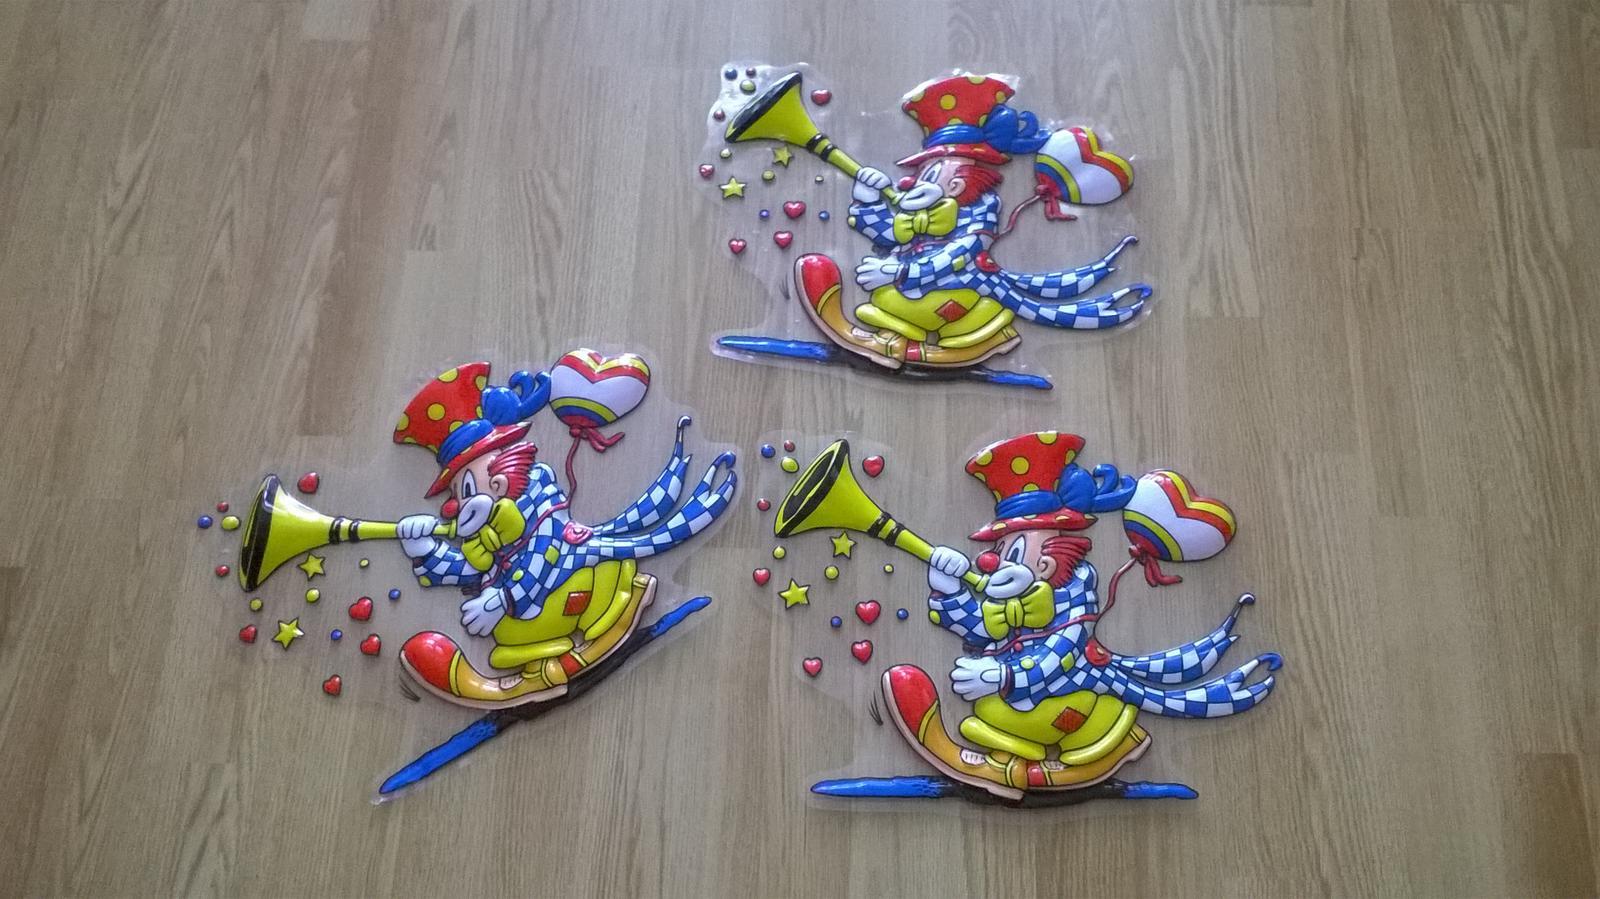 Dekoracia na stenu 3D do detskej izby 2x - Obrázok č. 1